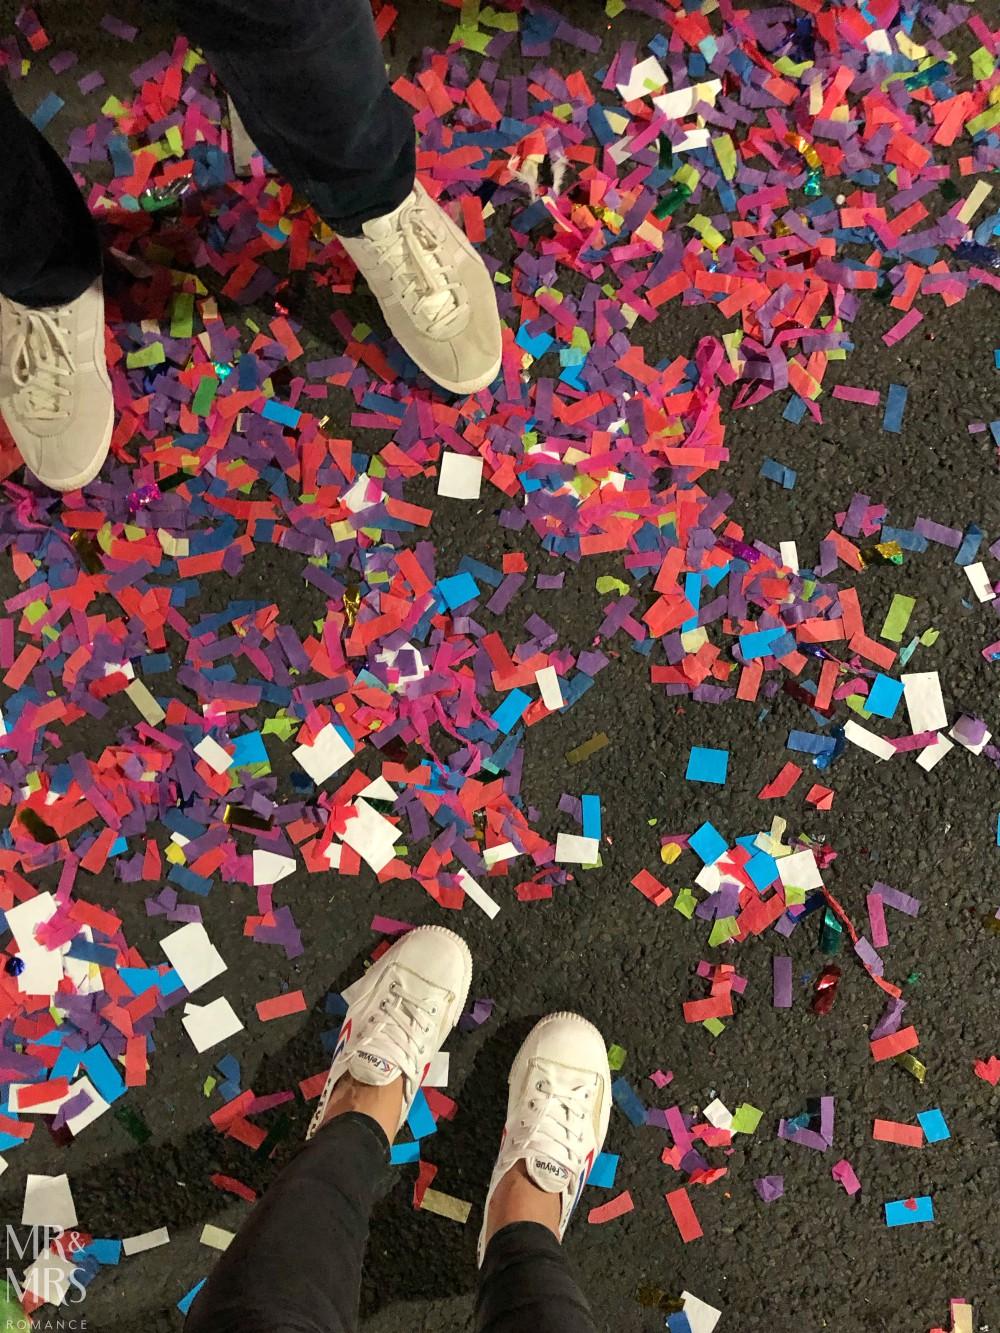 Confetti at Sydney Mardi Gras